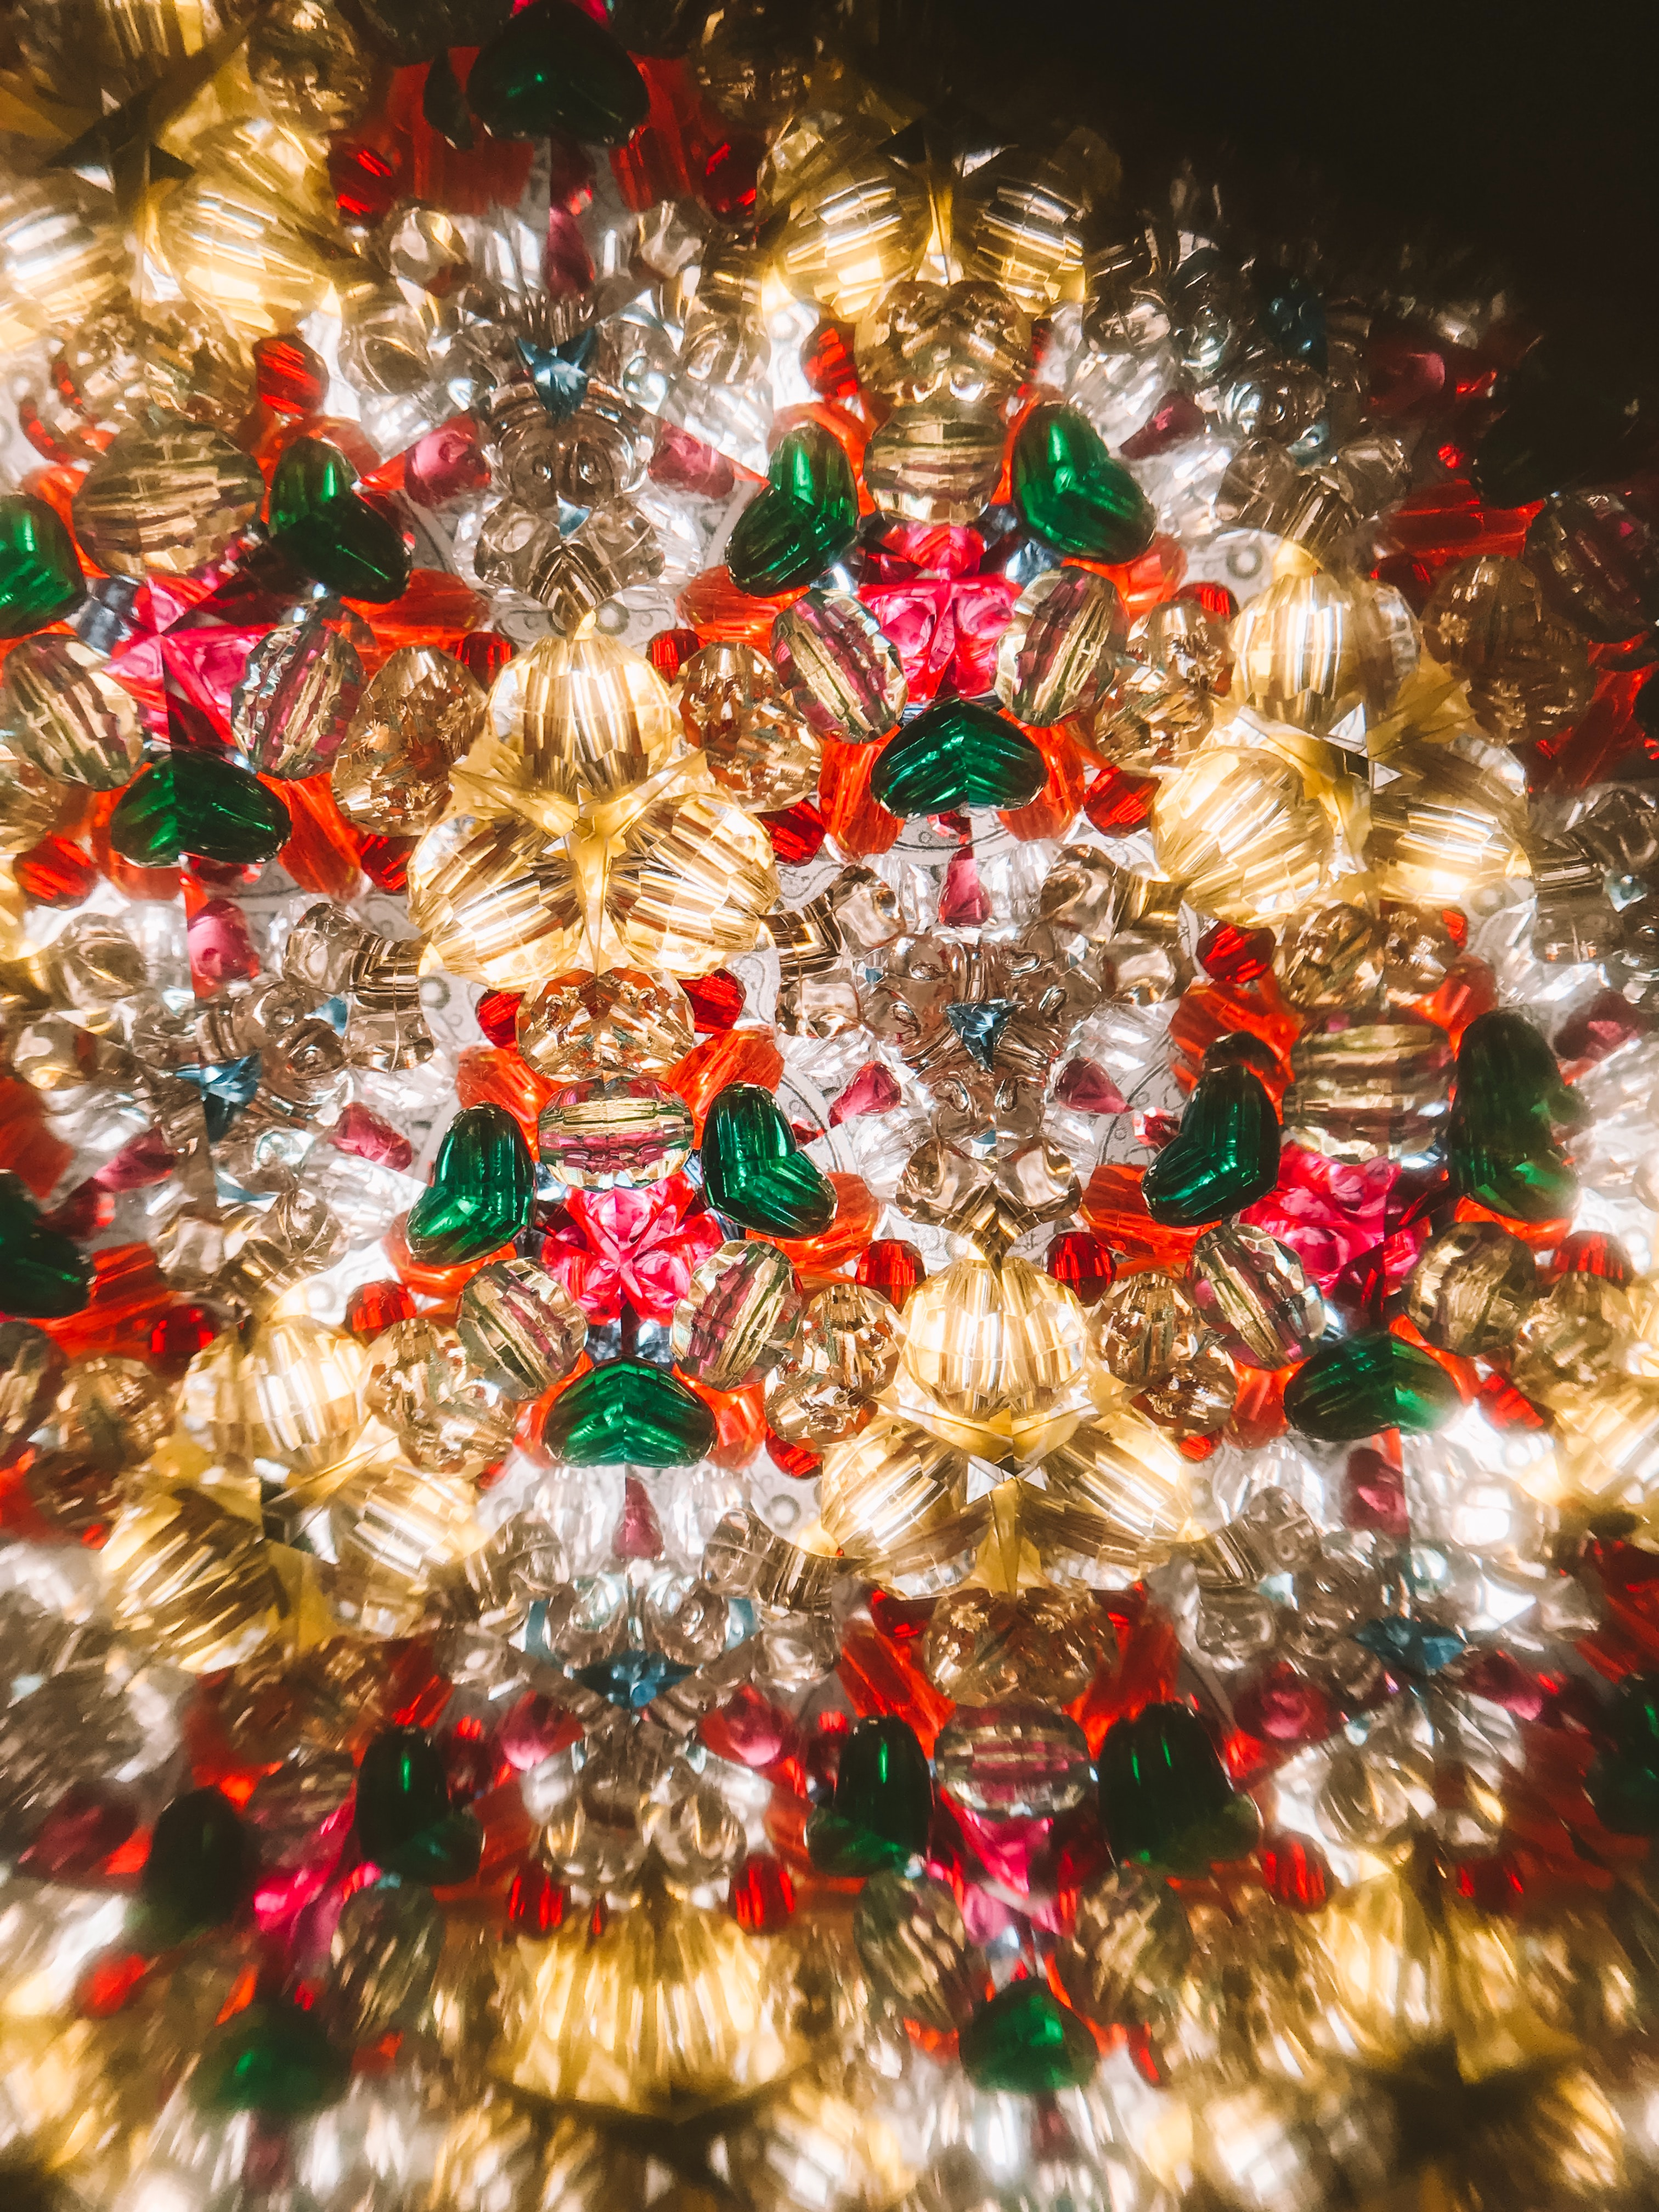 Weihnachtsporno gifs mit quelle